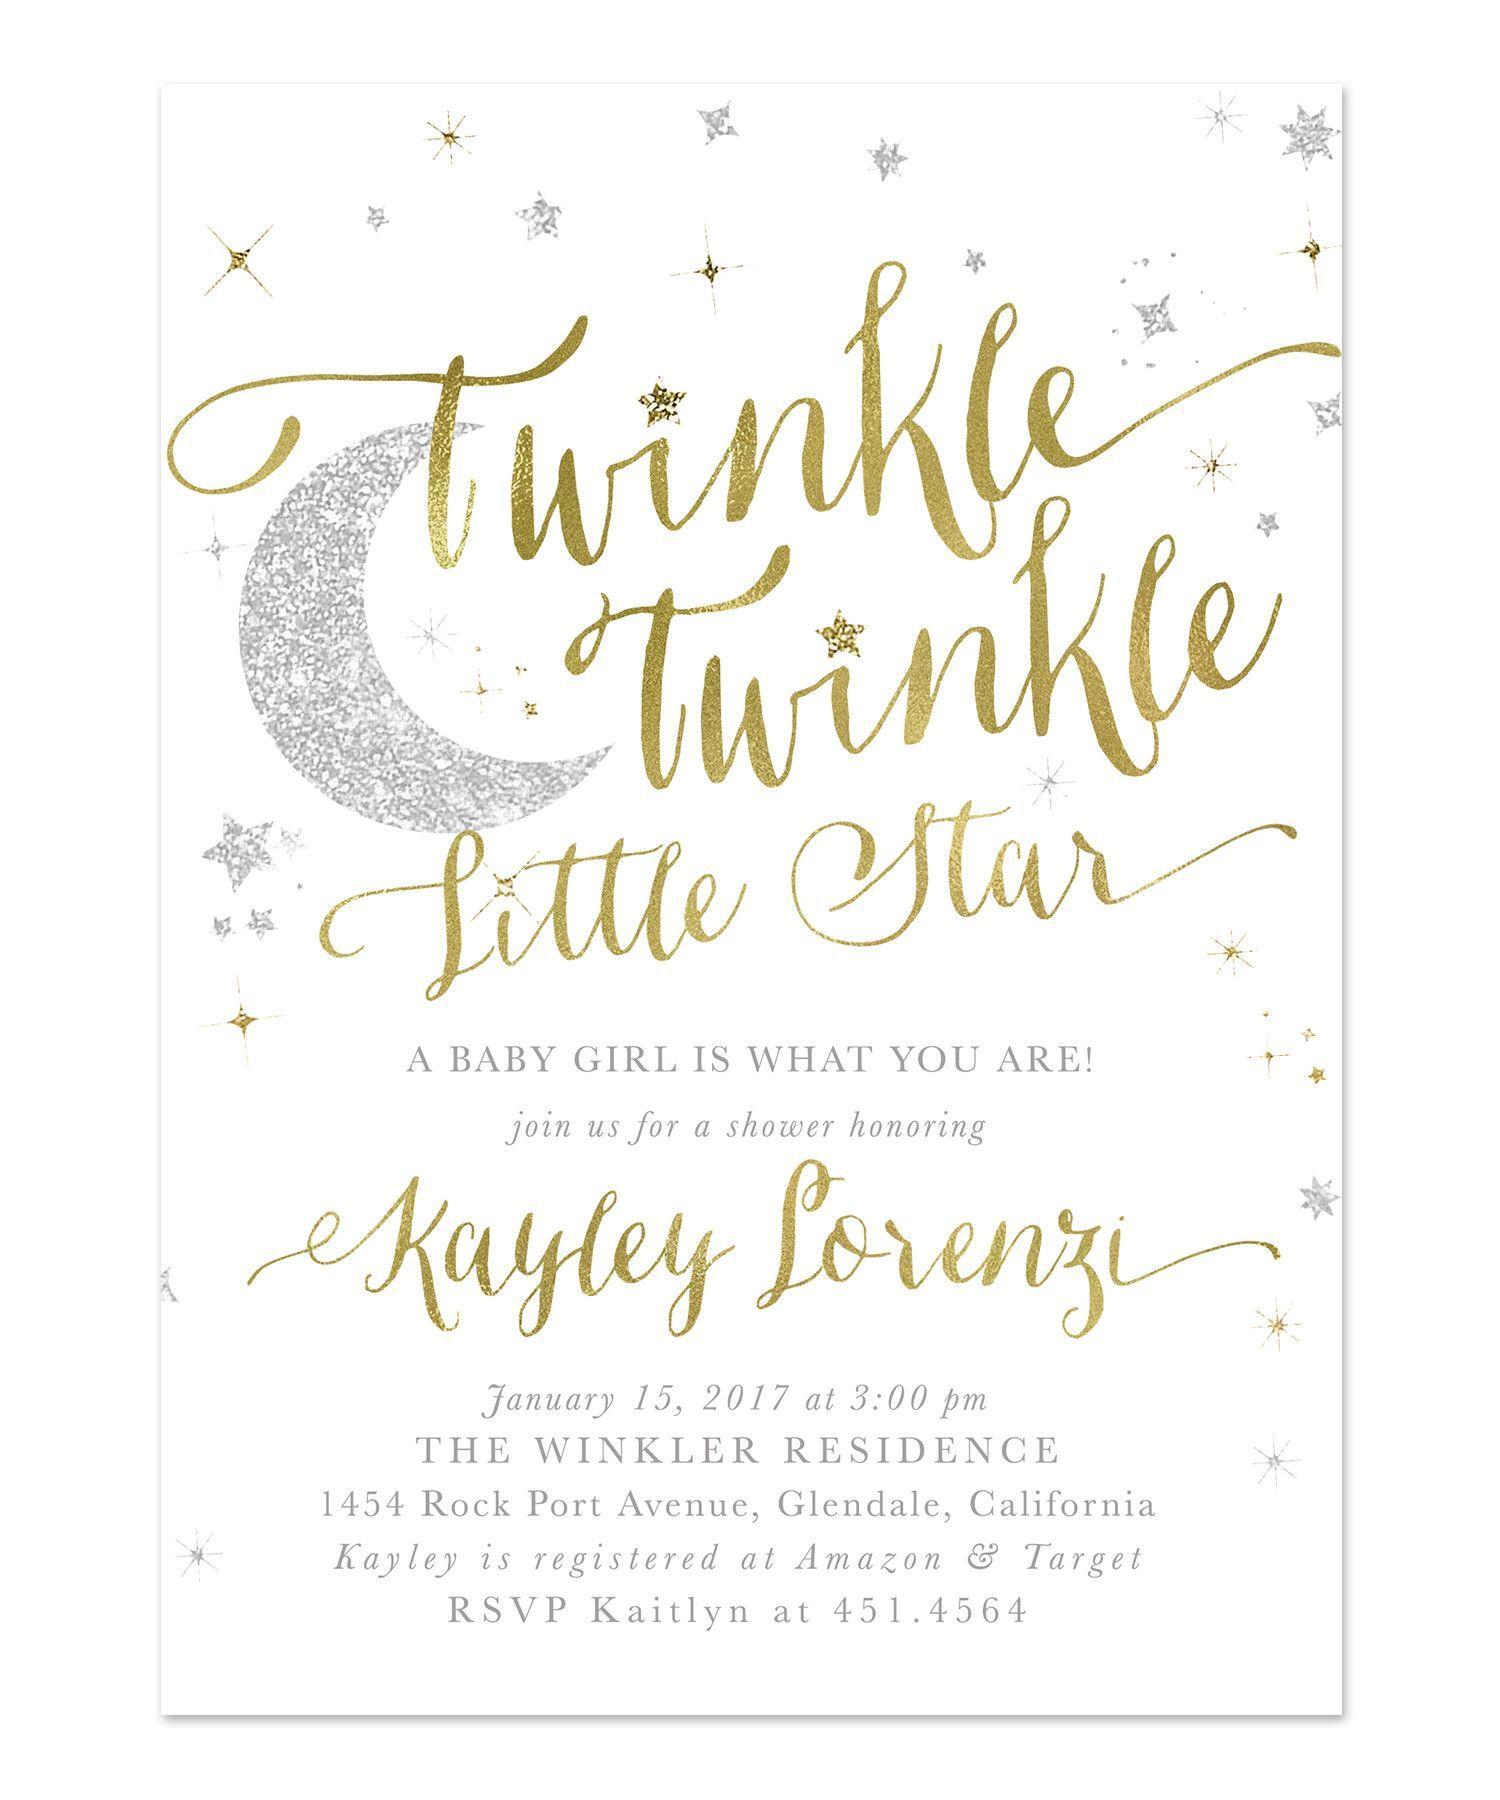 Twinkle Twinkle Little Star Boy or Girl Baby Shower Invitation